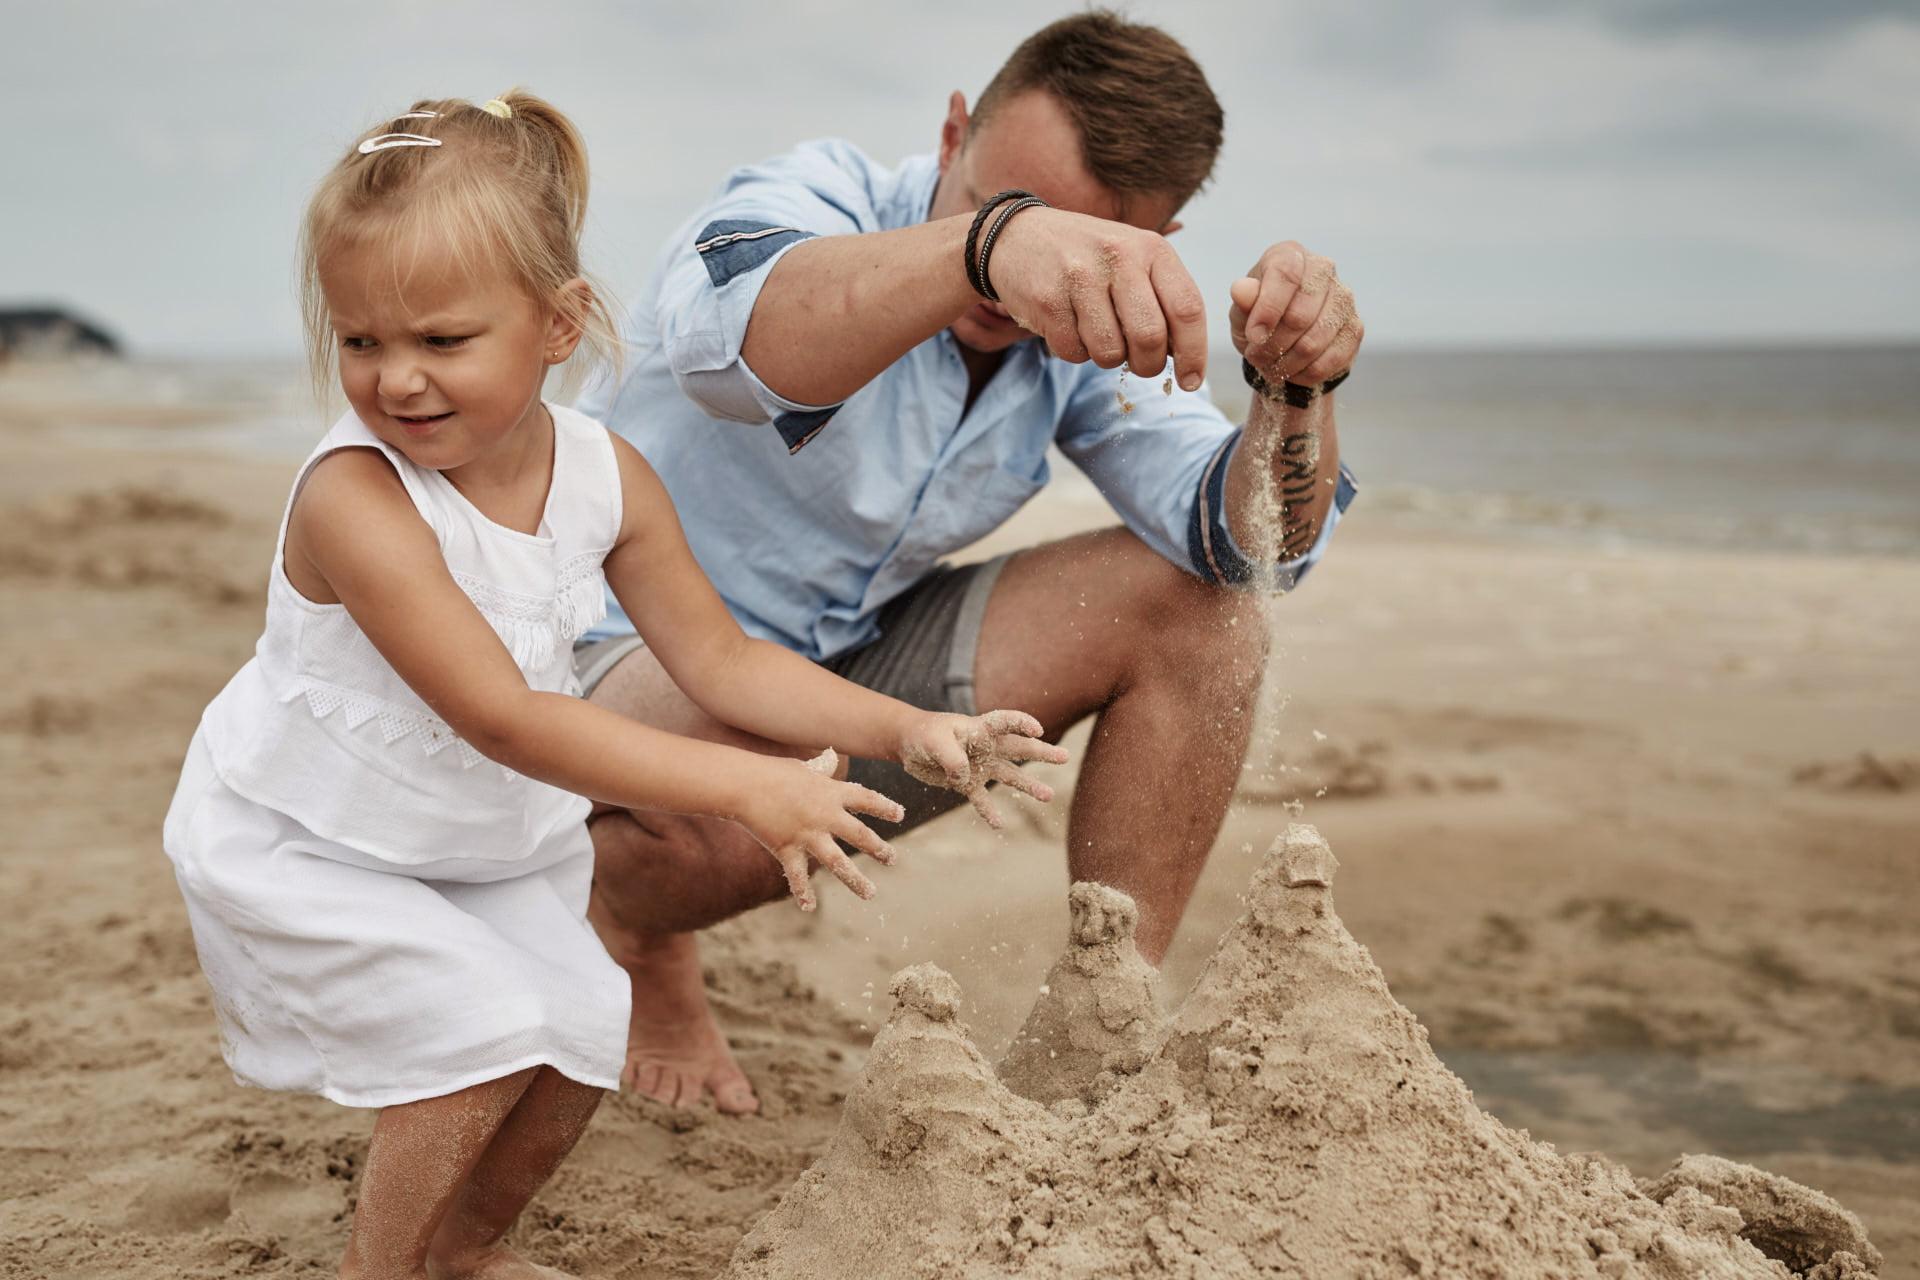 córka z tata na plaży - fotografia rodzinna w wykonaniu Przemek Białek fotograf rodzinny